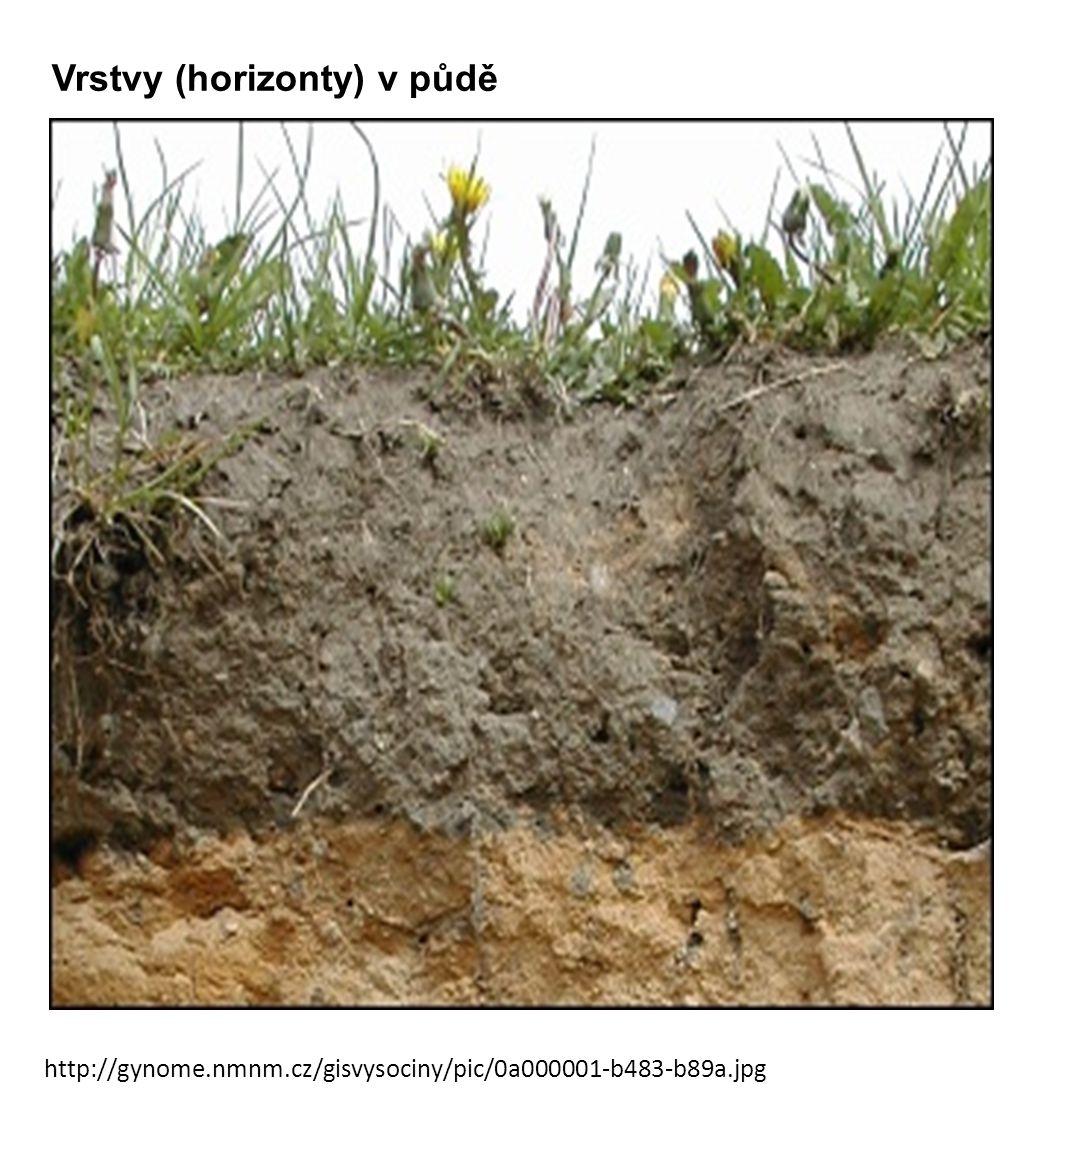 1) Tundrové půdy – subarktický pás, permafrost, glejový proces, půda velmi chudá 2) Podzolové půdy – mírný pás - tajga, podzolizační proces, málo úrodné 3) Černozemě – mírný pás - step a lesostep, málo srážek, matečná hornina - spraš, nejúrodnější půdy - obilnice světa 4) Žlutozemě a červenozemě – půdy vlhkých subtropických lesů, ( profil A, B, C ) proces oželeznění = ferritizace, kyselé půdy - hnojení (bavlna, čaj, tabák, sója..) 5) Pouštní a polopouštní půdy – (sub)tropický pás, roční srážky do 150 mm, min humusu, chudé pastviny, zasolené 6) Červené půdy – mezi 10°s.